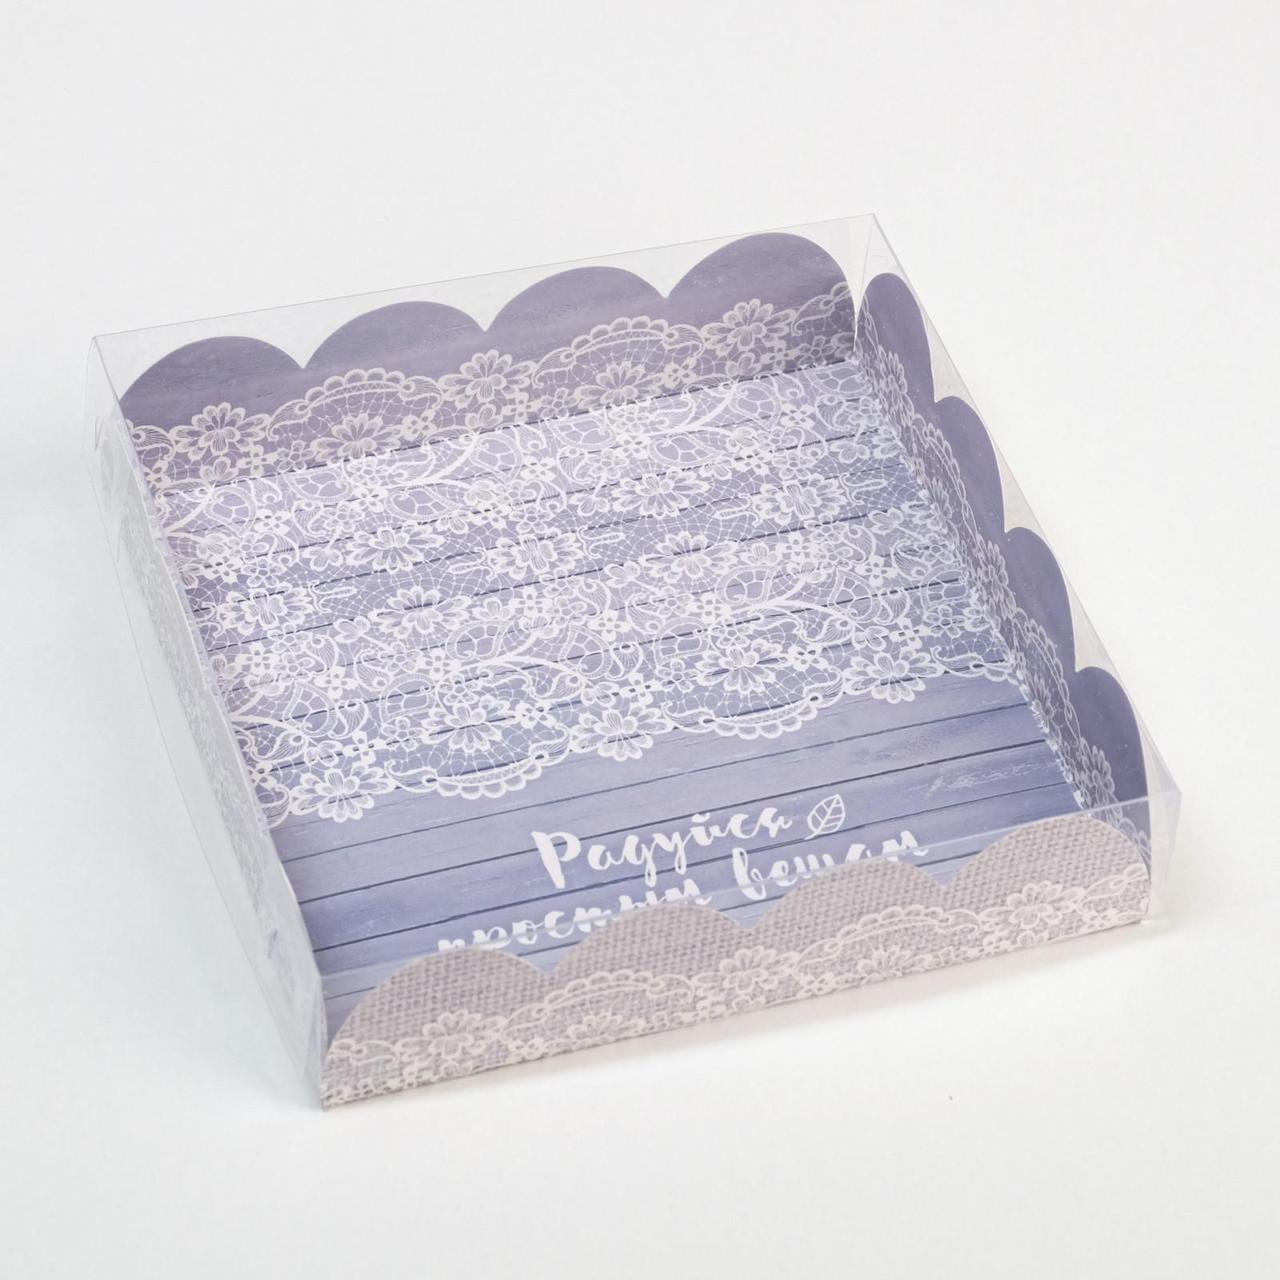 Коробка для кондитерских изделий с PVC крышкой «Радуйся простым вещам», 13 х 13 х 3 см